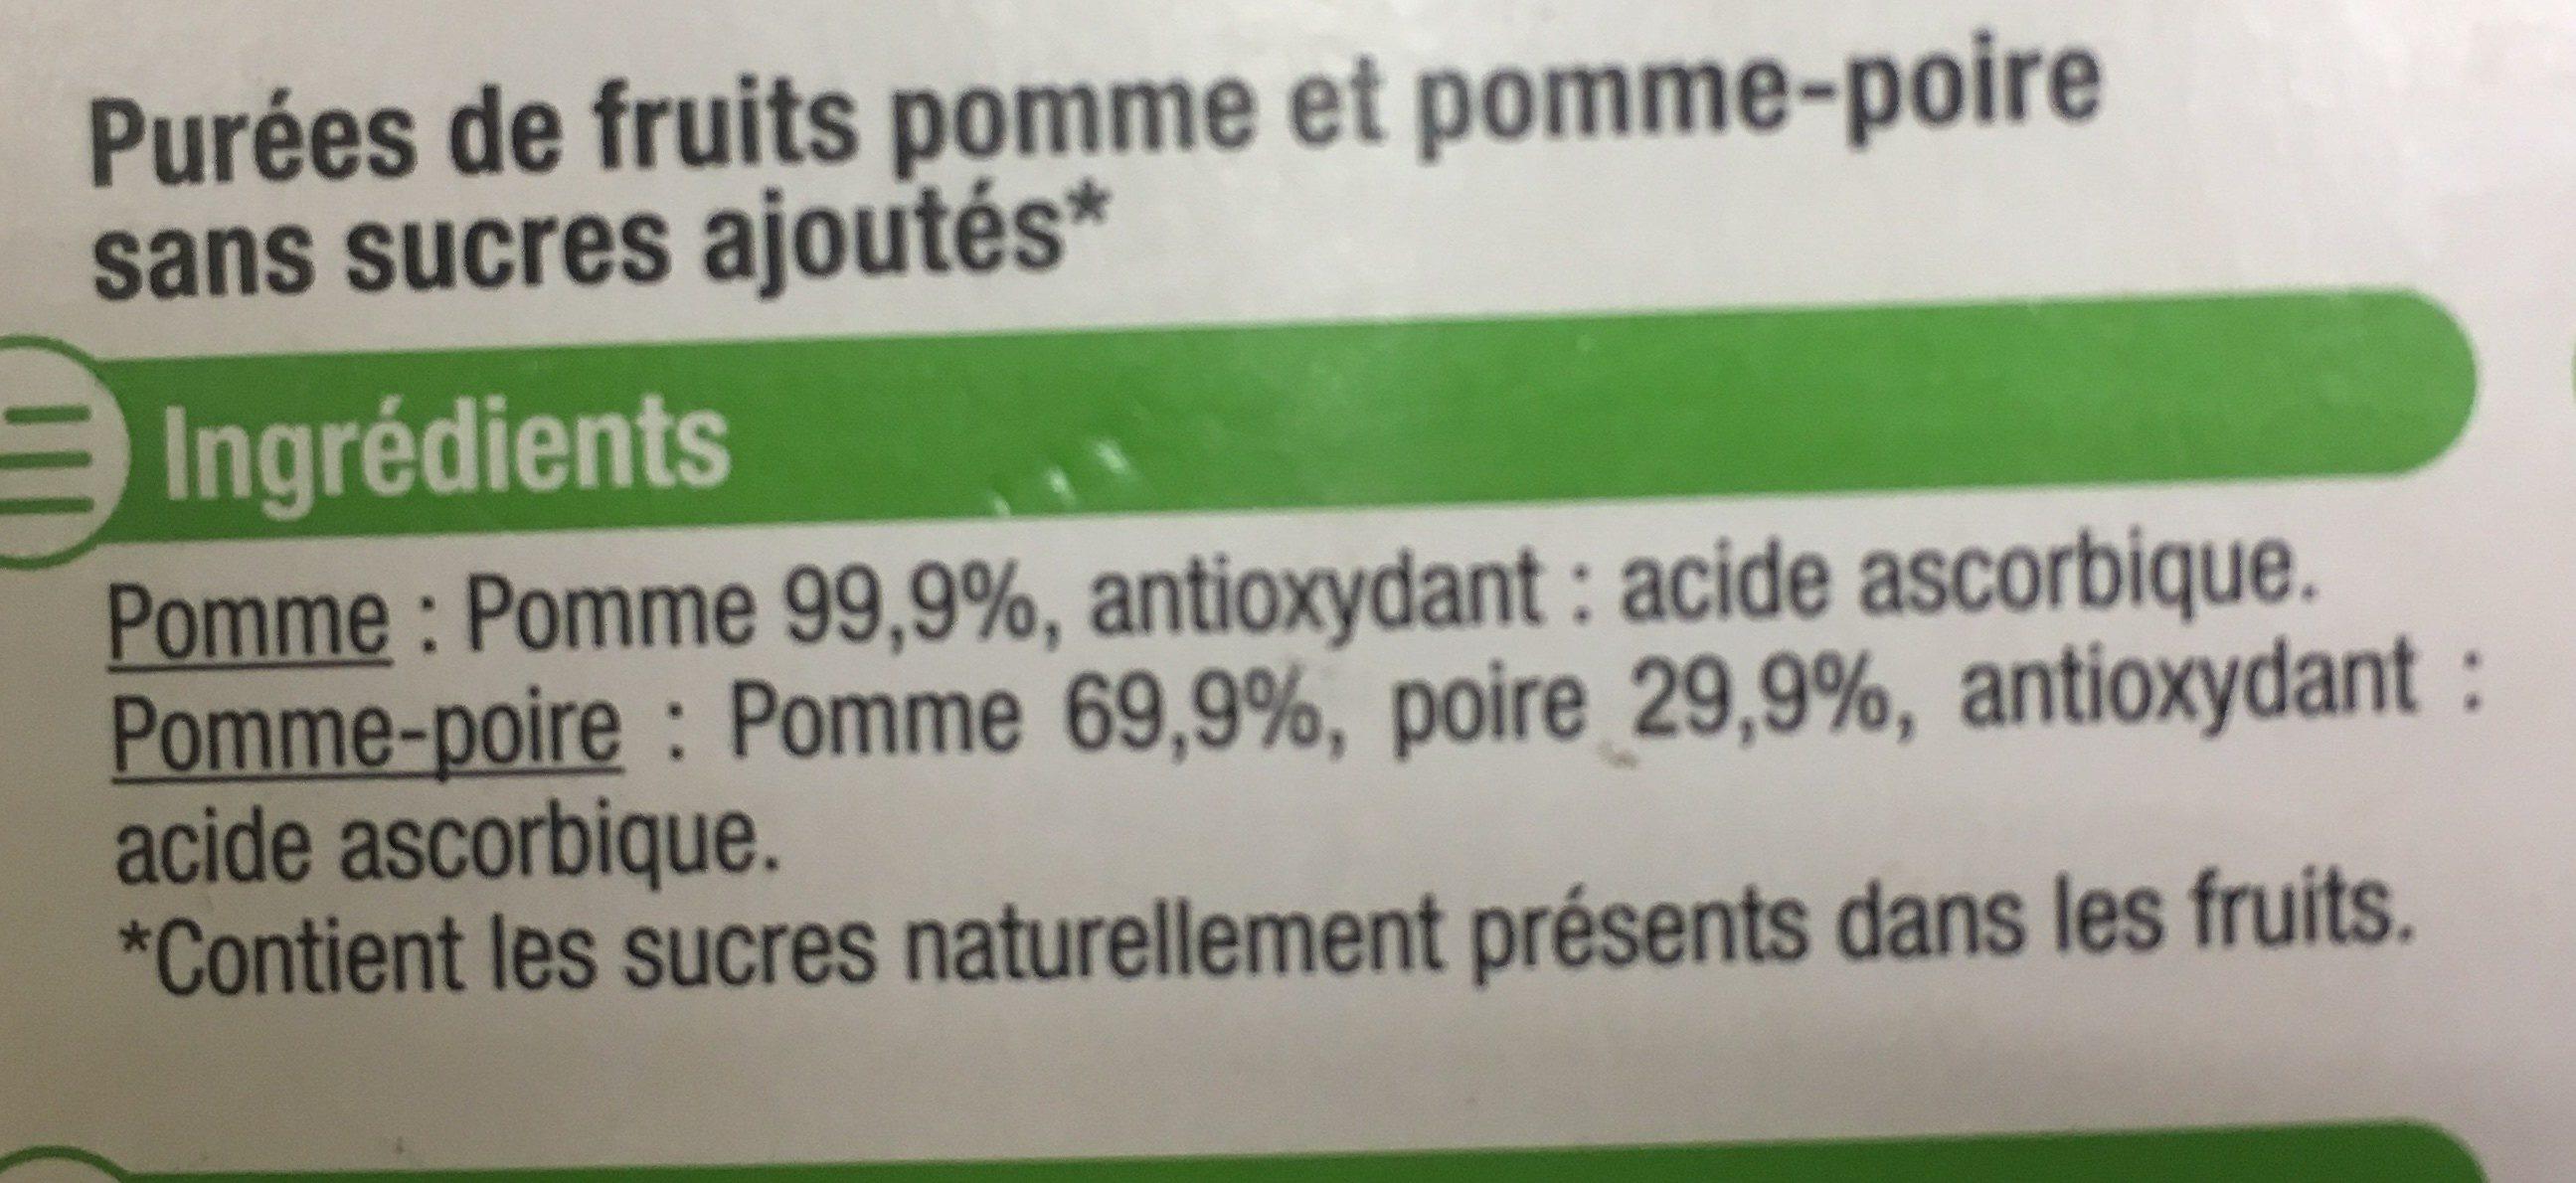 Compote de pomme et poire - Ingrediënten